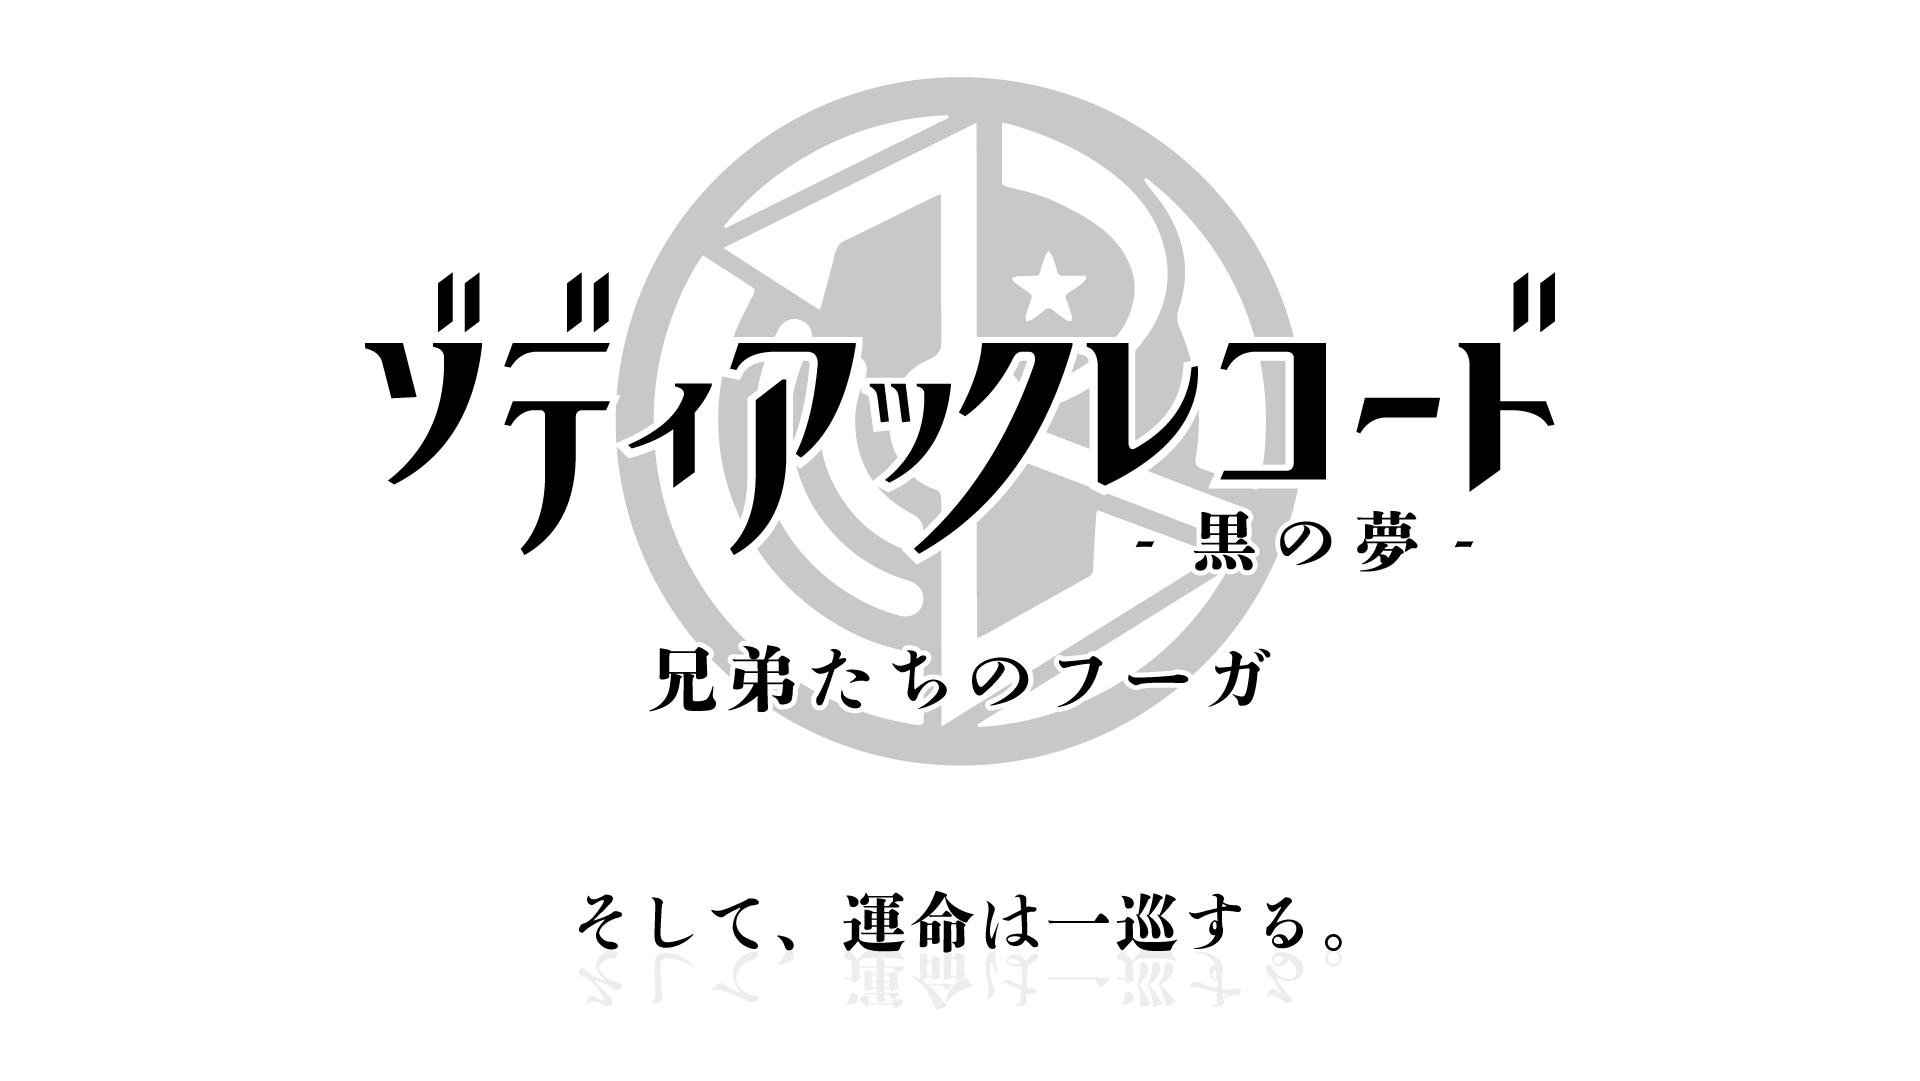 ゾディアック・レコード-黒の夢-「兄弟たちのフーガ」【1日目17:30〜】